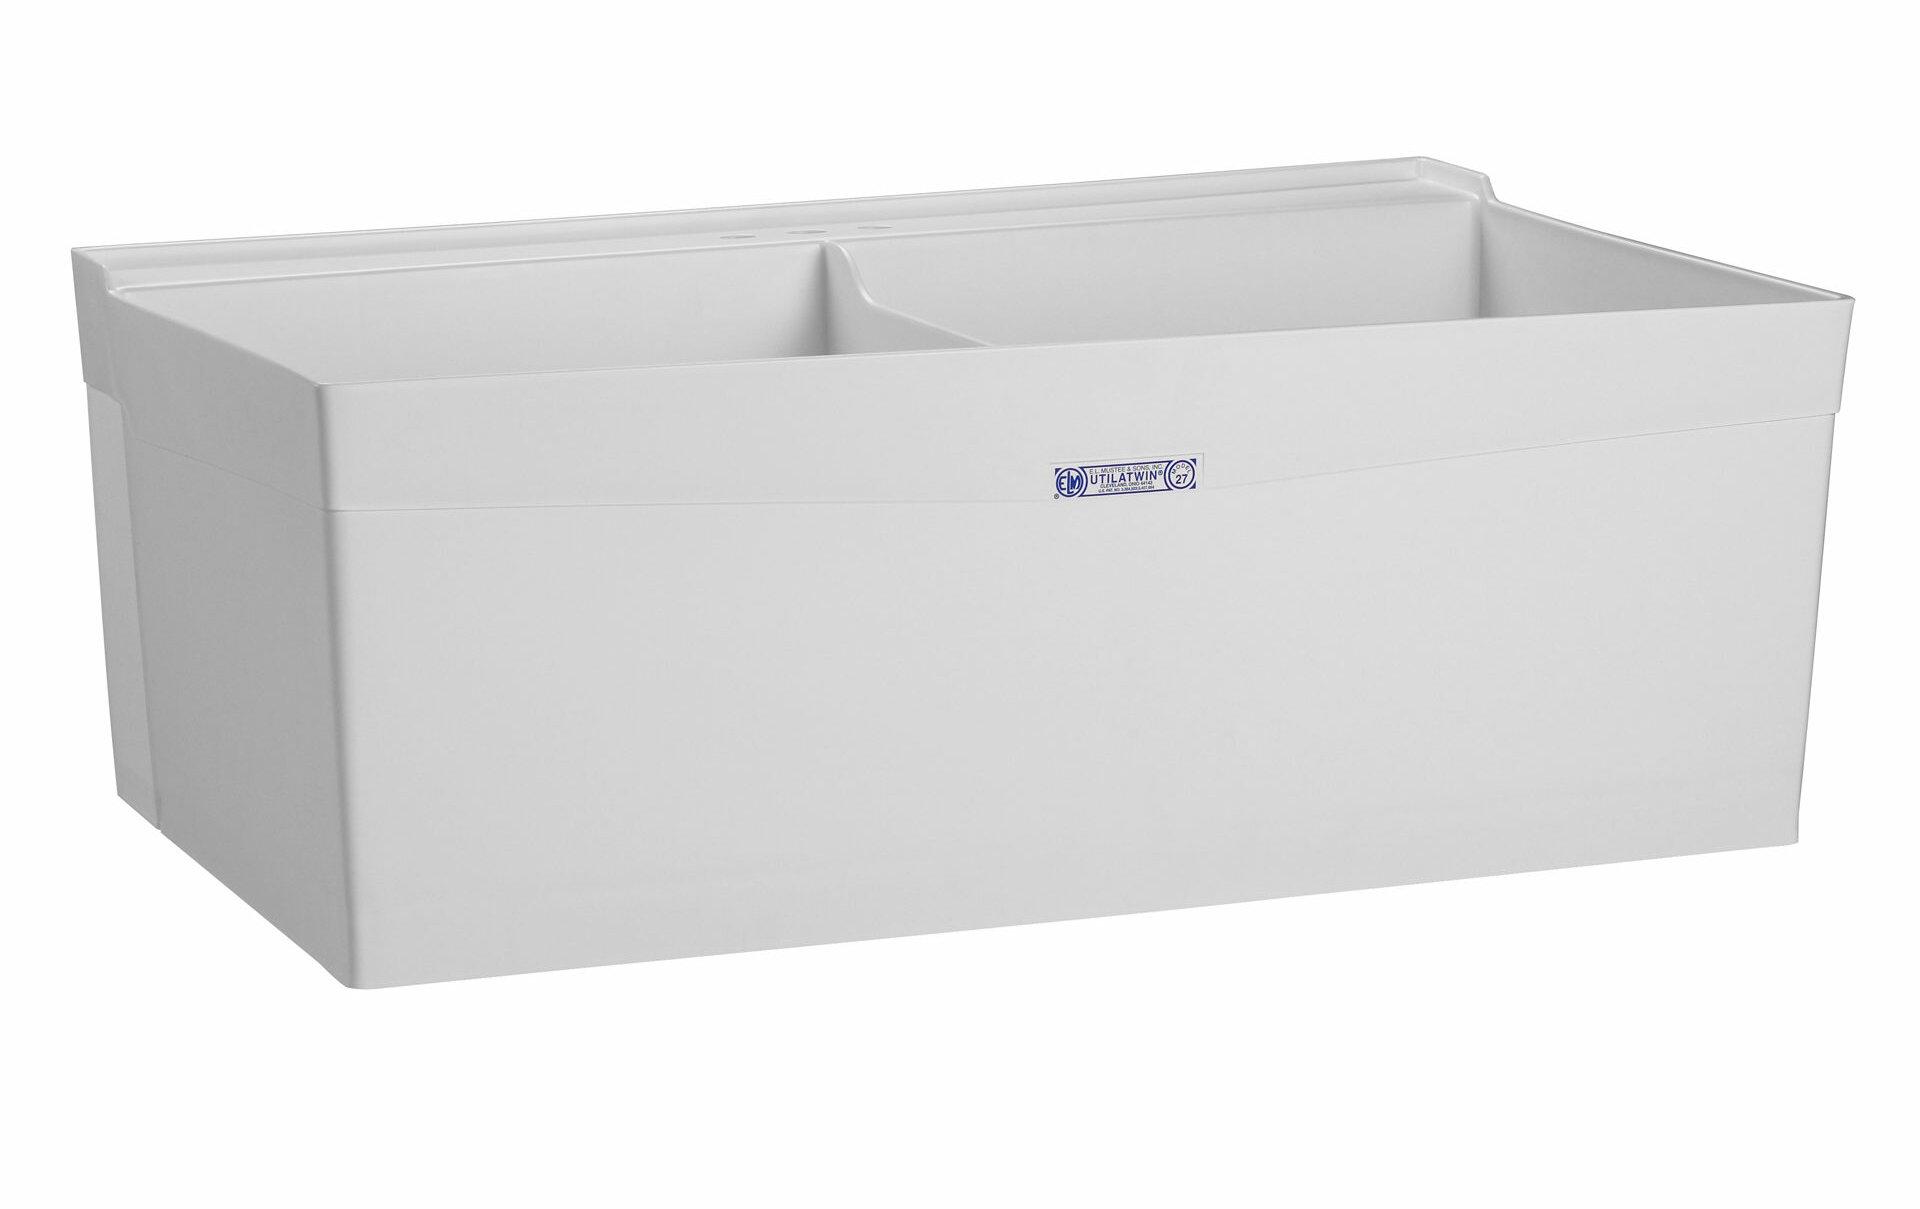 E L Mustee Son Utilatwin 40 X 24 Wall Mount Laundry Sink Wayfair Ca